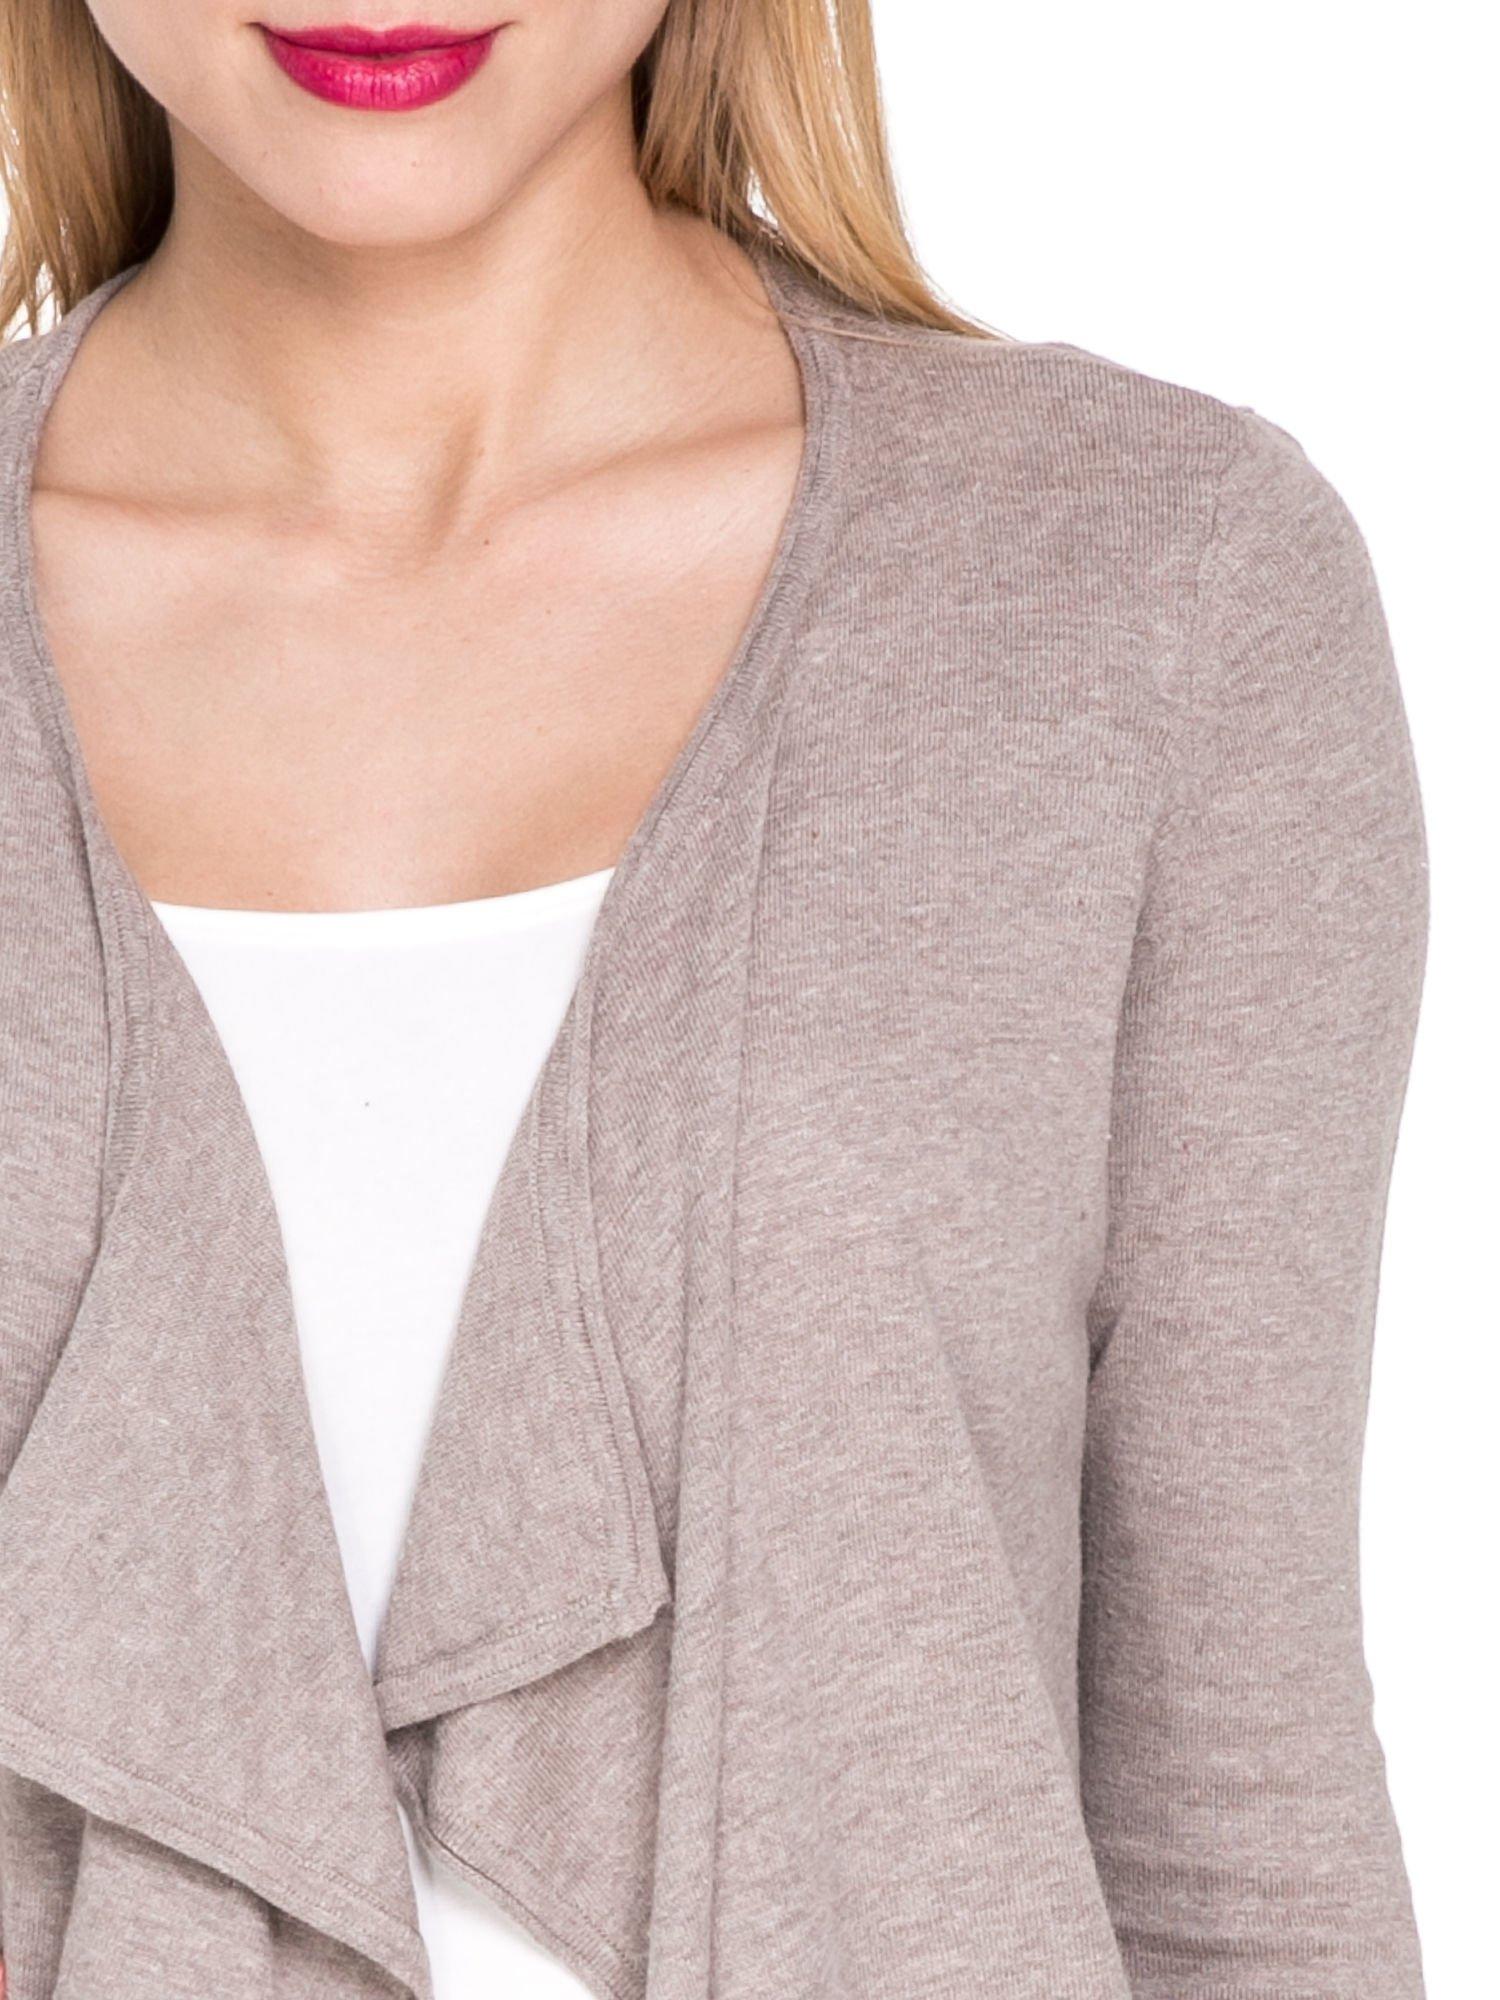 Jasnobrązowy sweterek kardigan o kaskadowym fasonie                                  zdj.                                  5